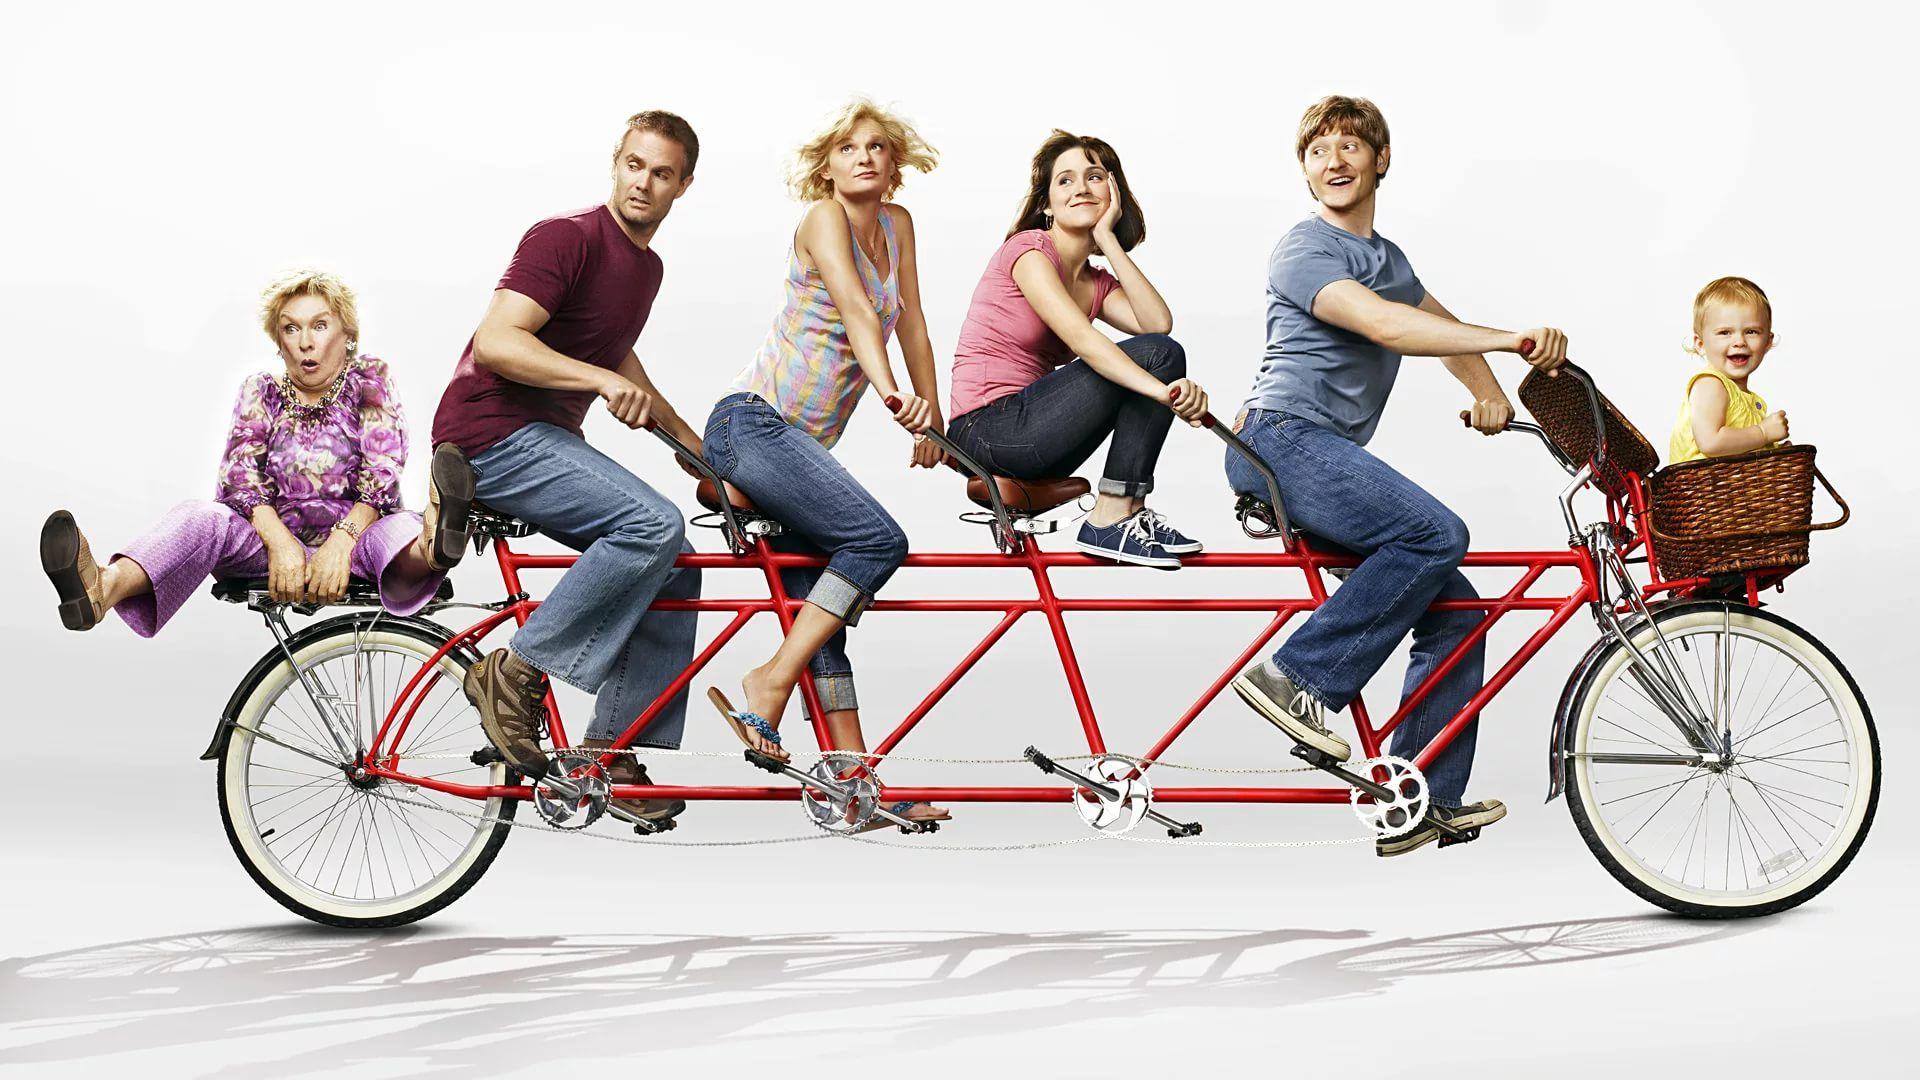 реализм велосипед для всей семьи фото порция